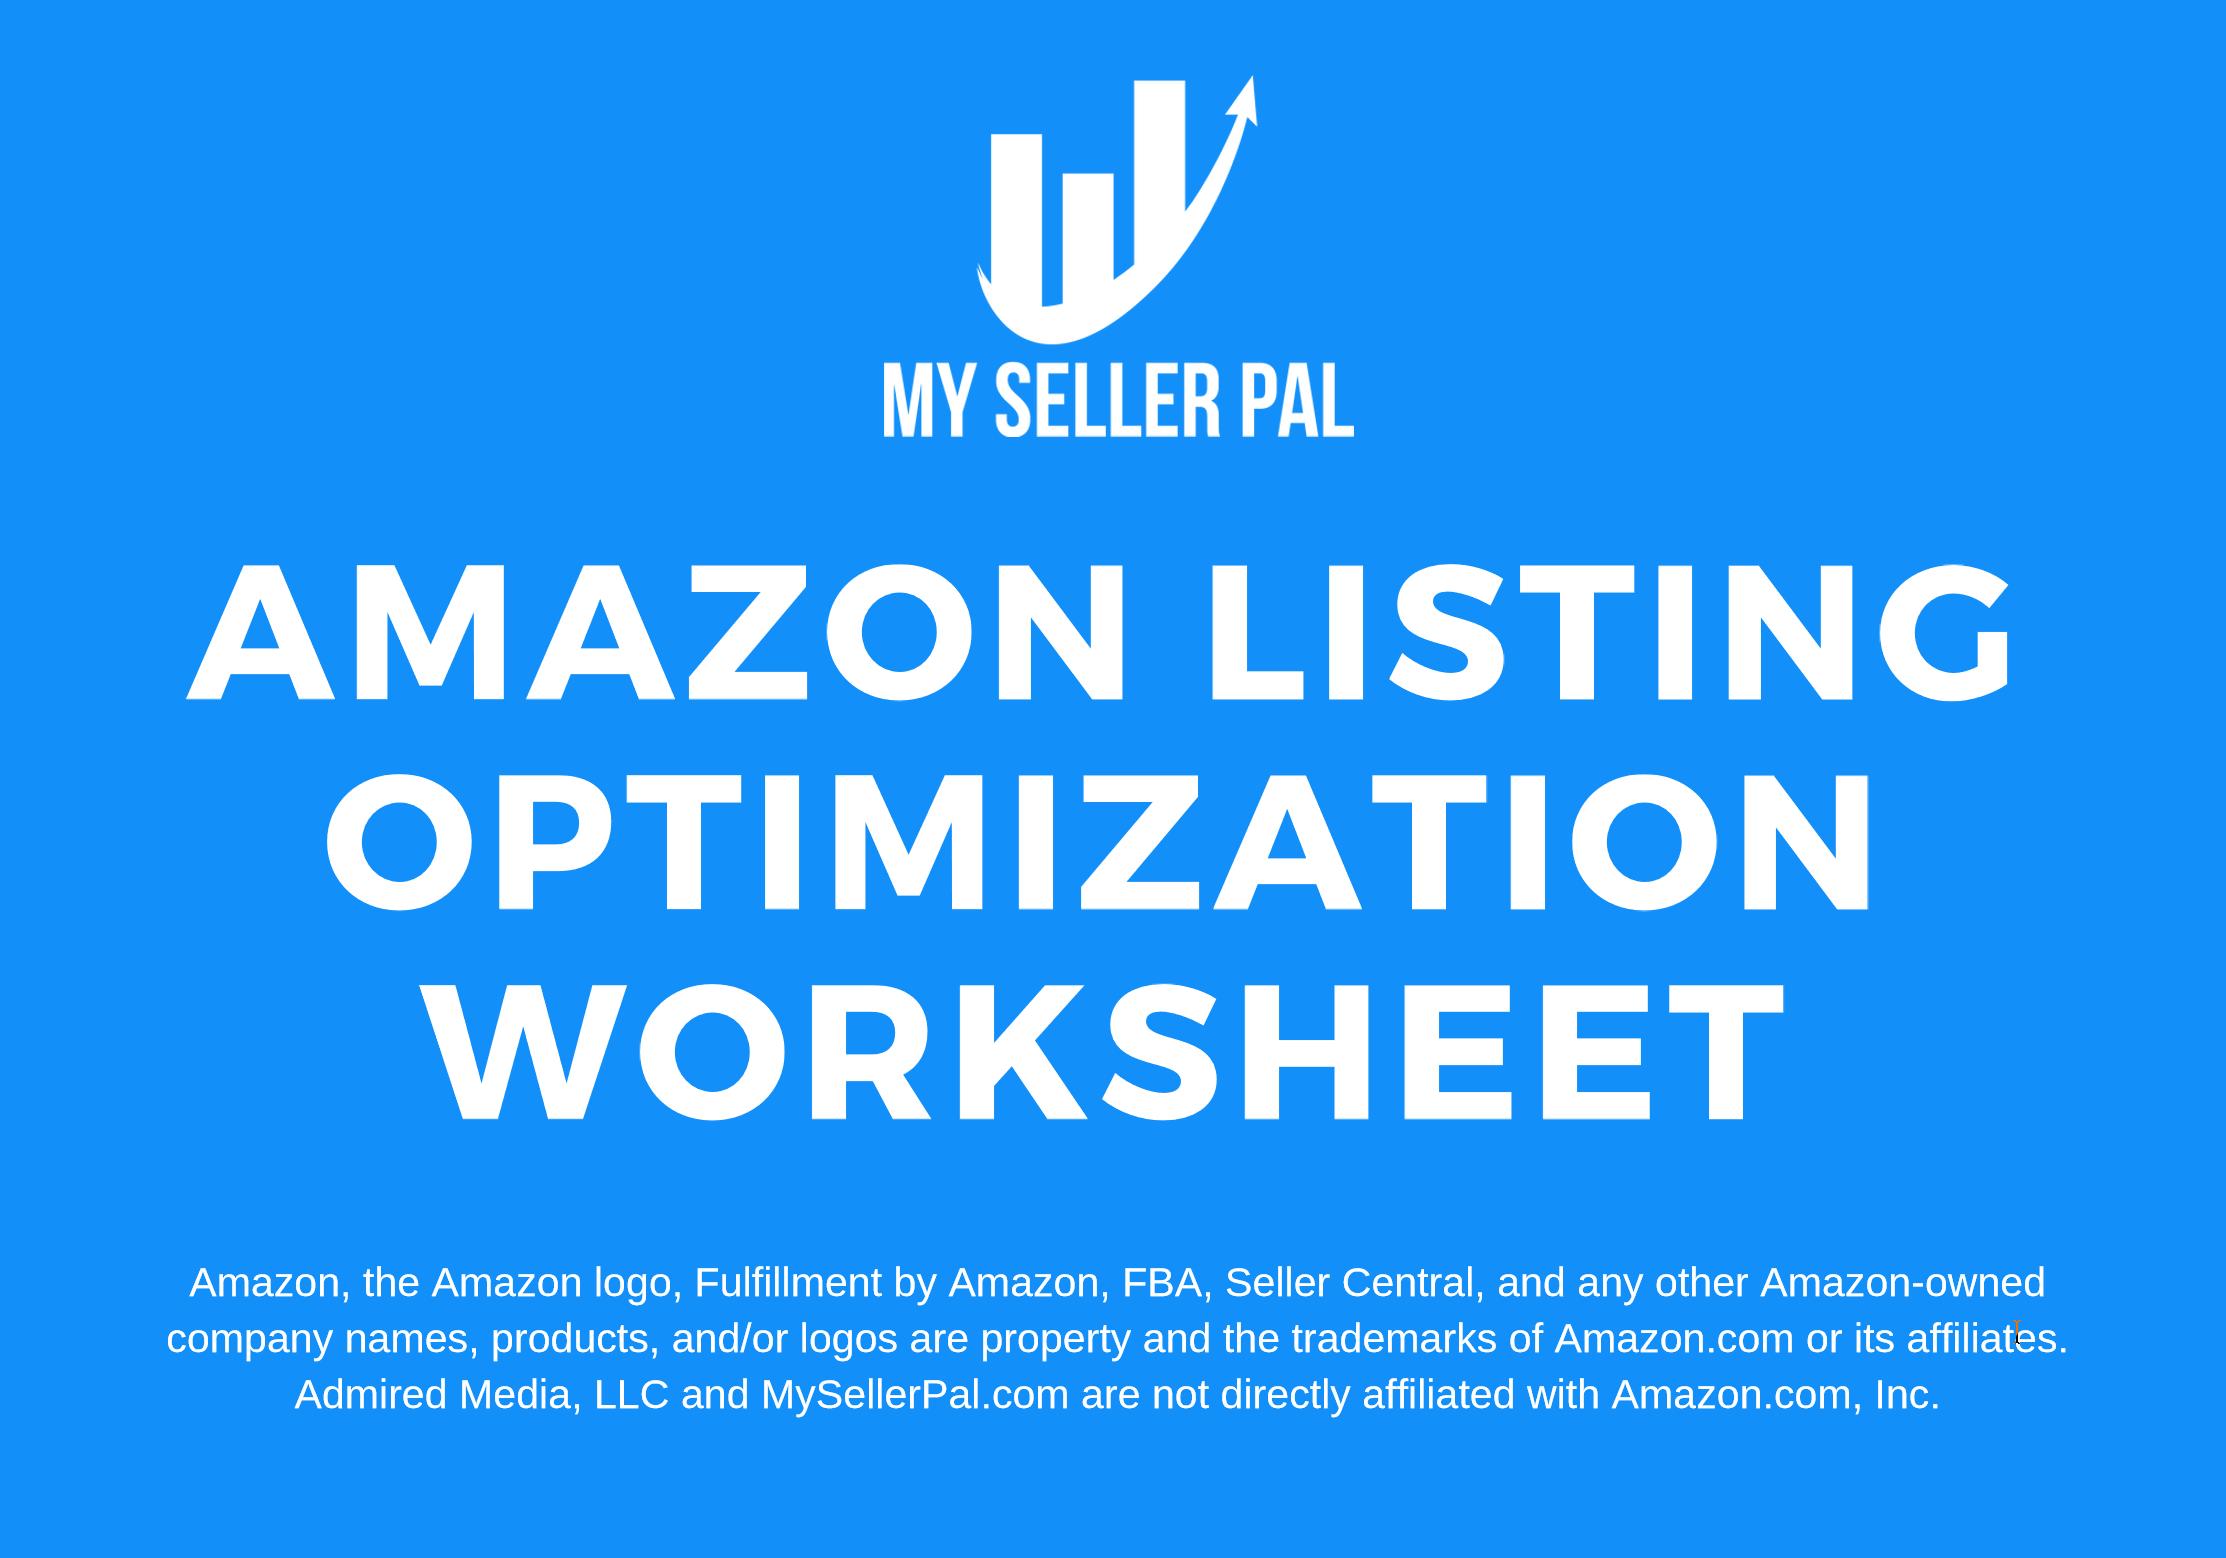 Amazon Listing Optimization Worksheet